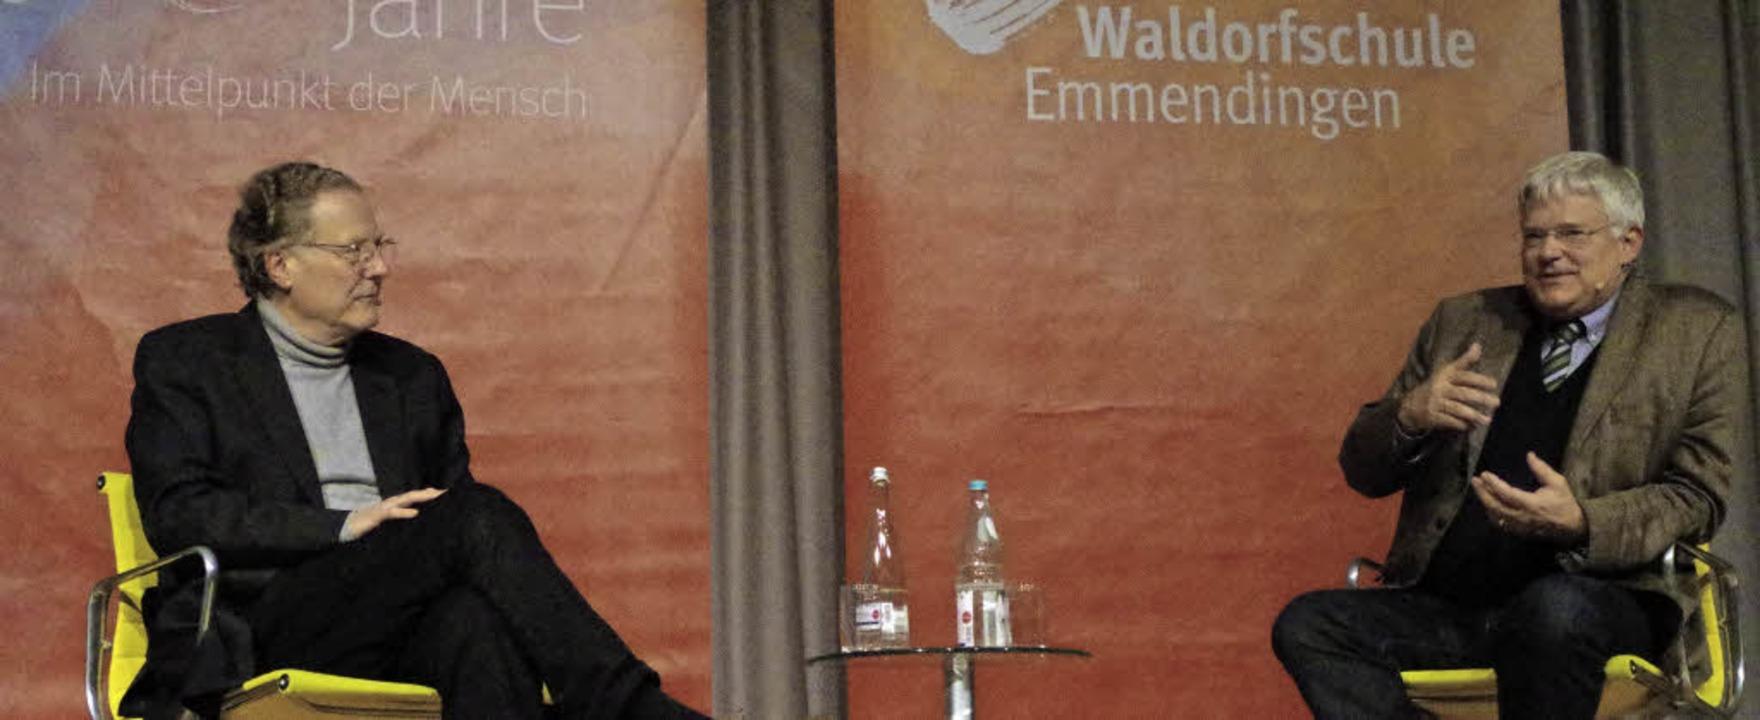 Beziehung und Bildung hängen zusammen....aldorfpädagogen Henning Kullak-Ublick.  | Foto: Katharina Bächle